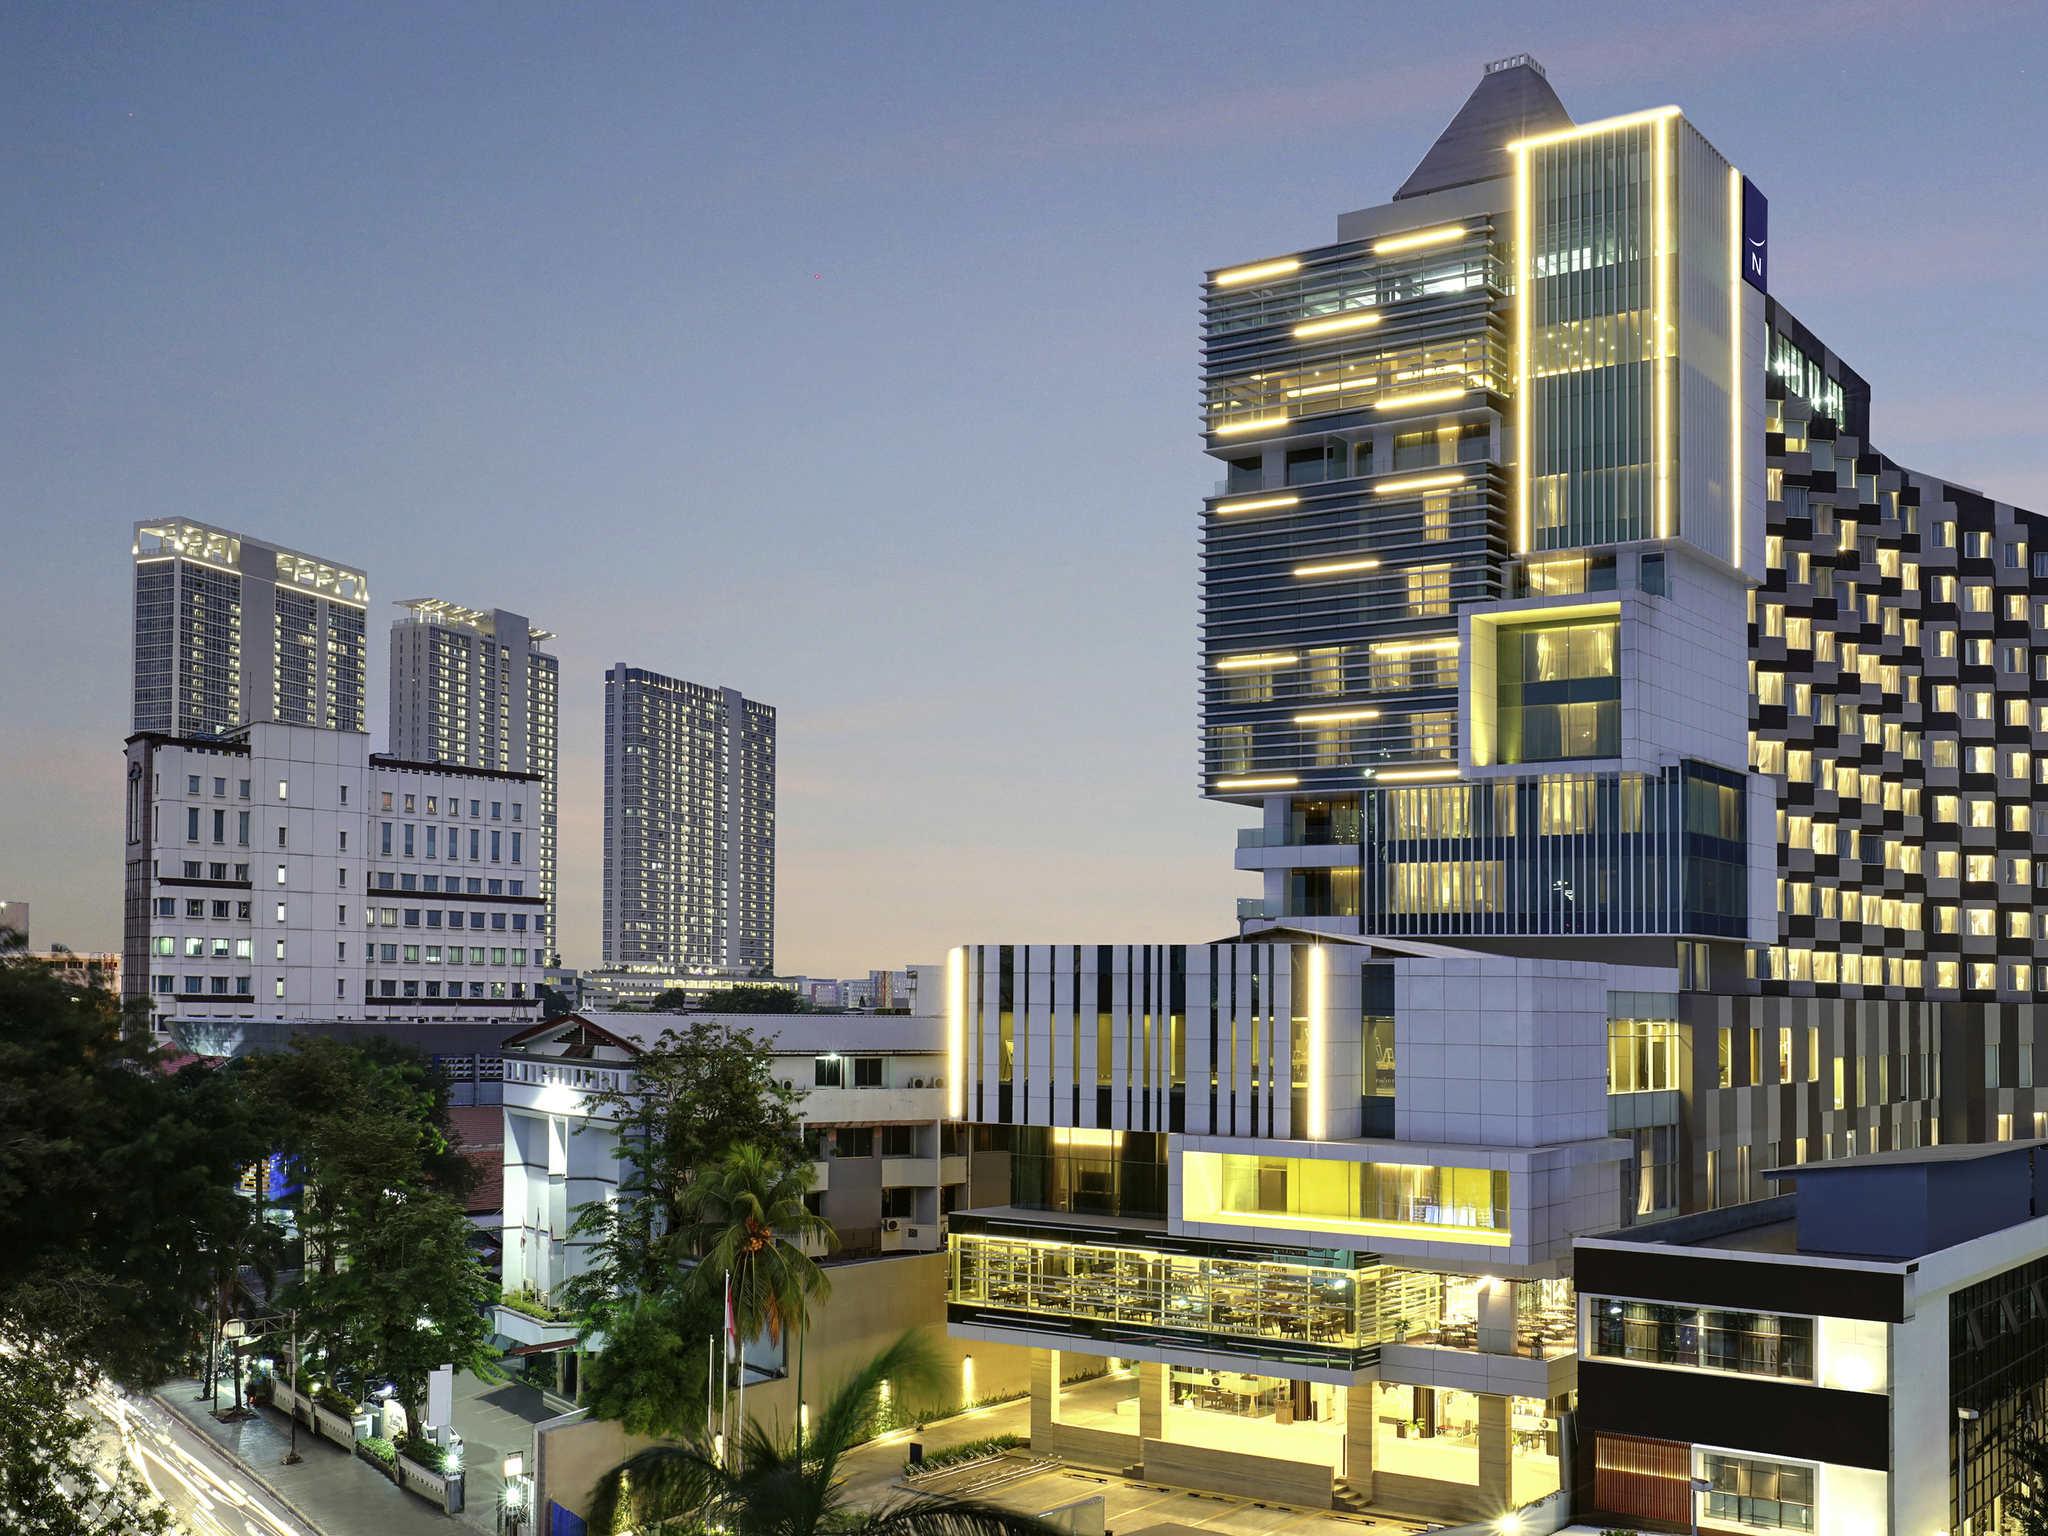 Novotel Jakarta Cikini